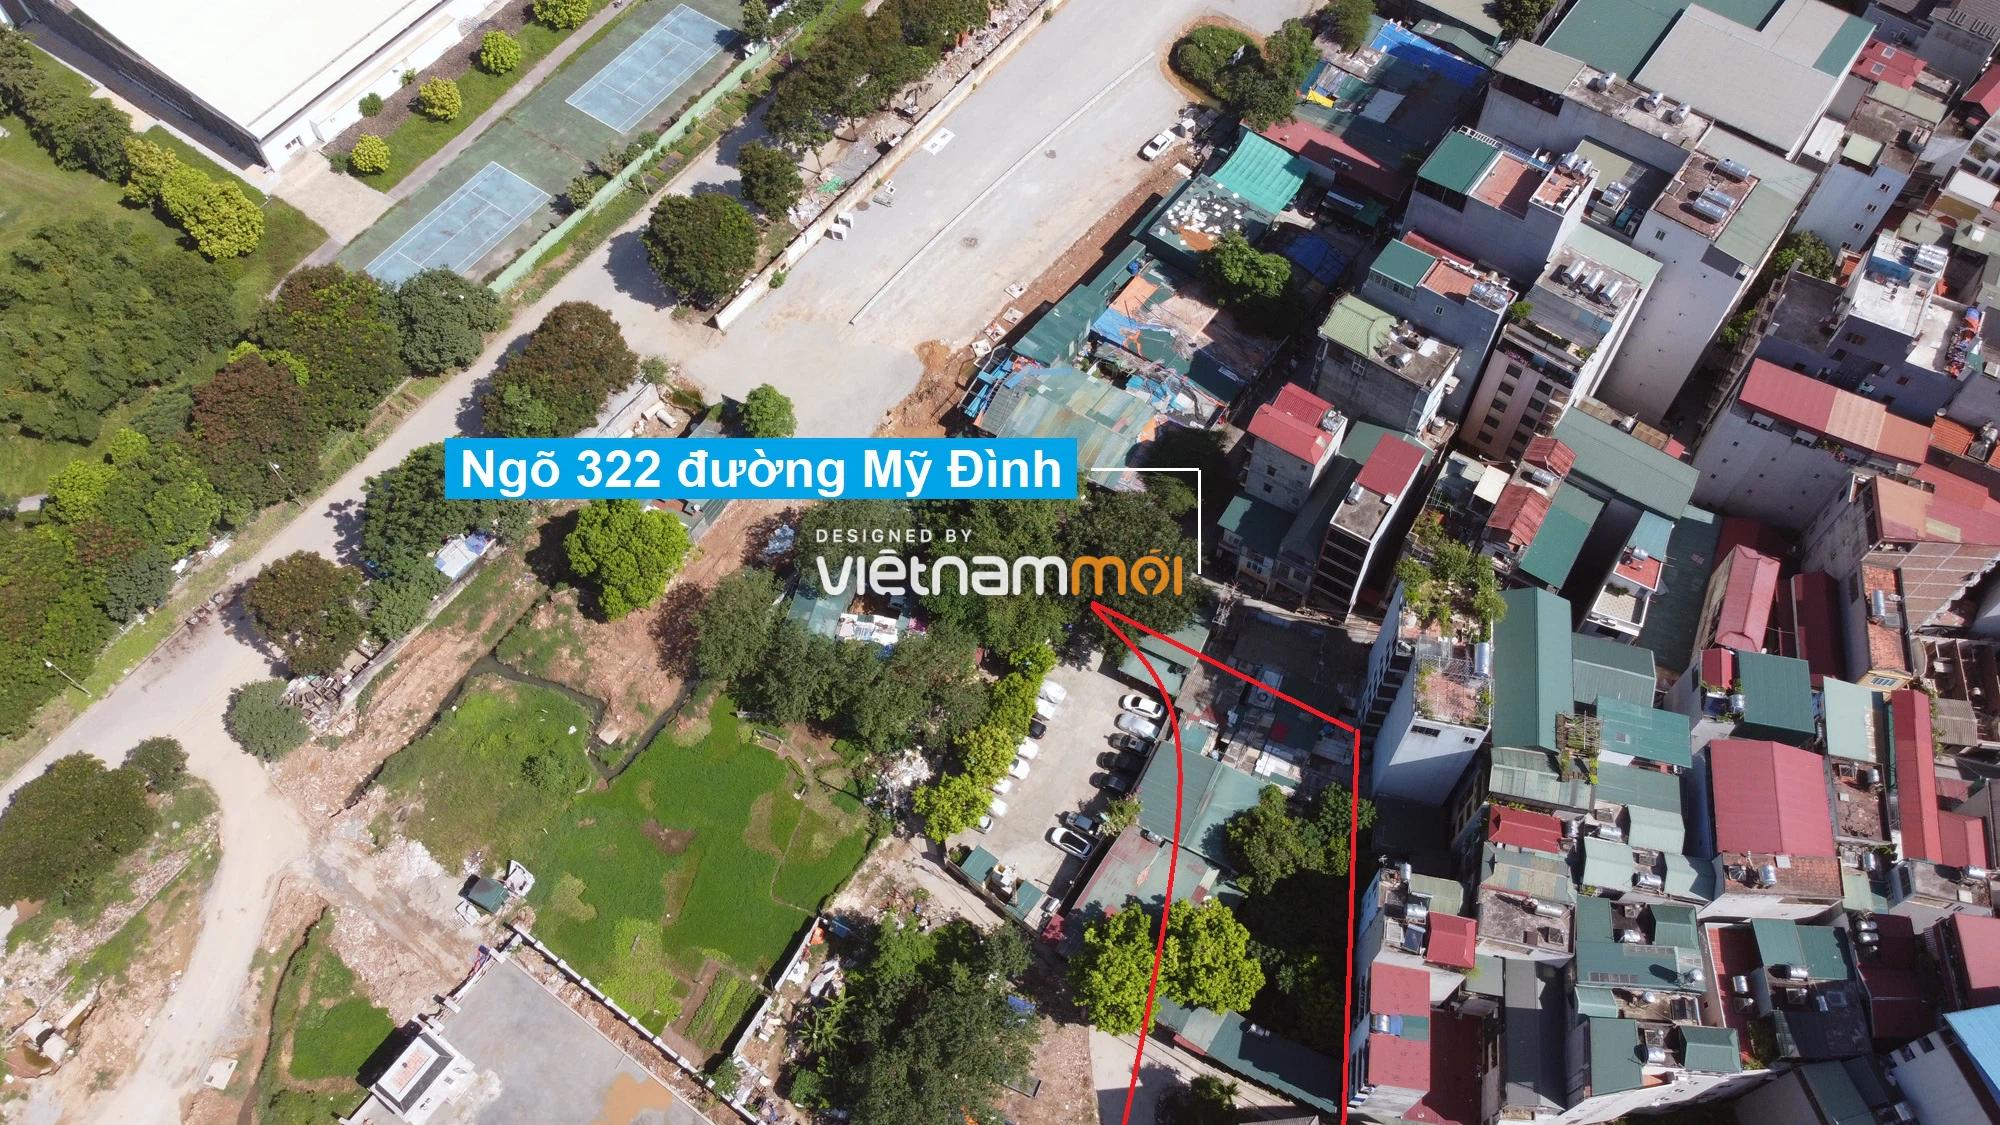 Những khu đất sắp thu hồi để mở đường ở phường Mỹ Đình 1, Nam Từ Liêm, Hà Nội (phần 2) - Ảnh 15.